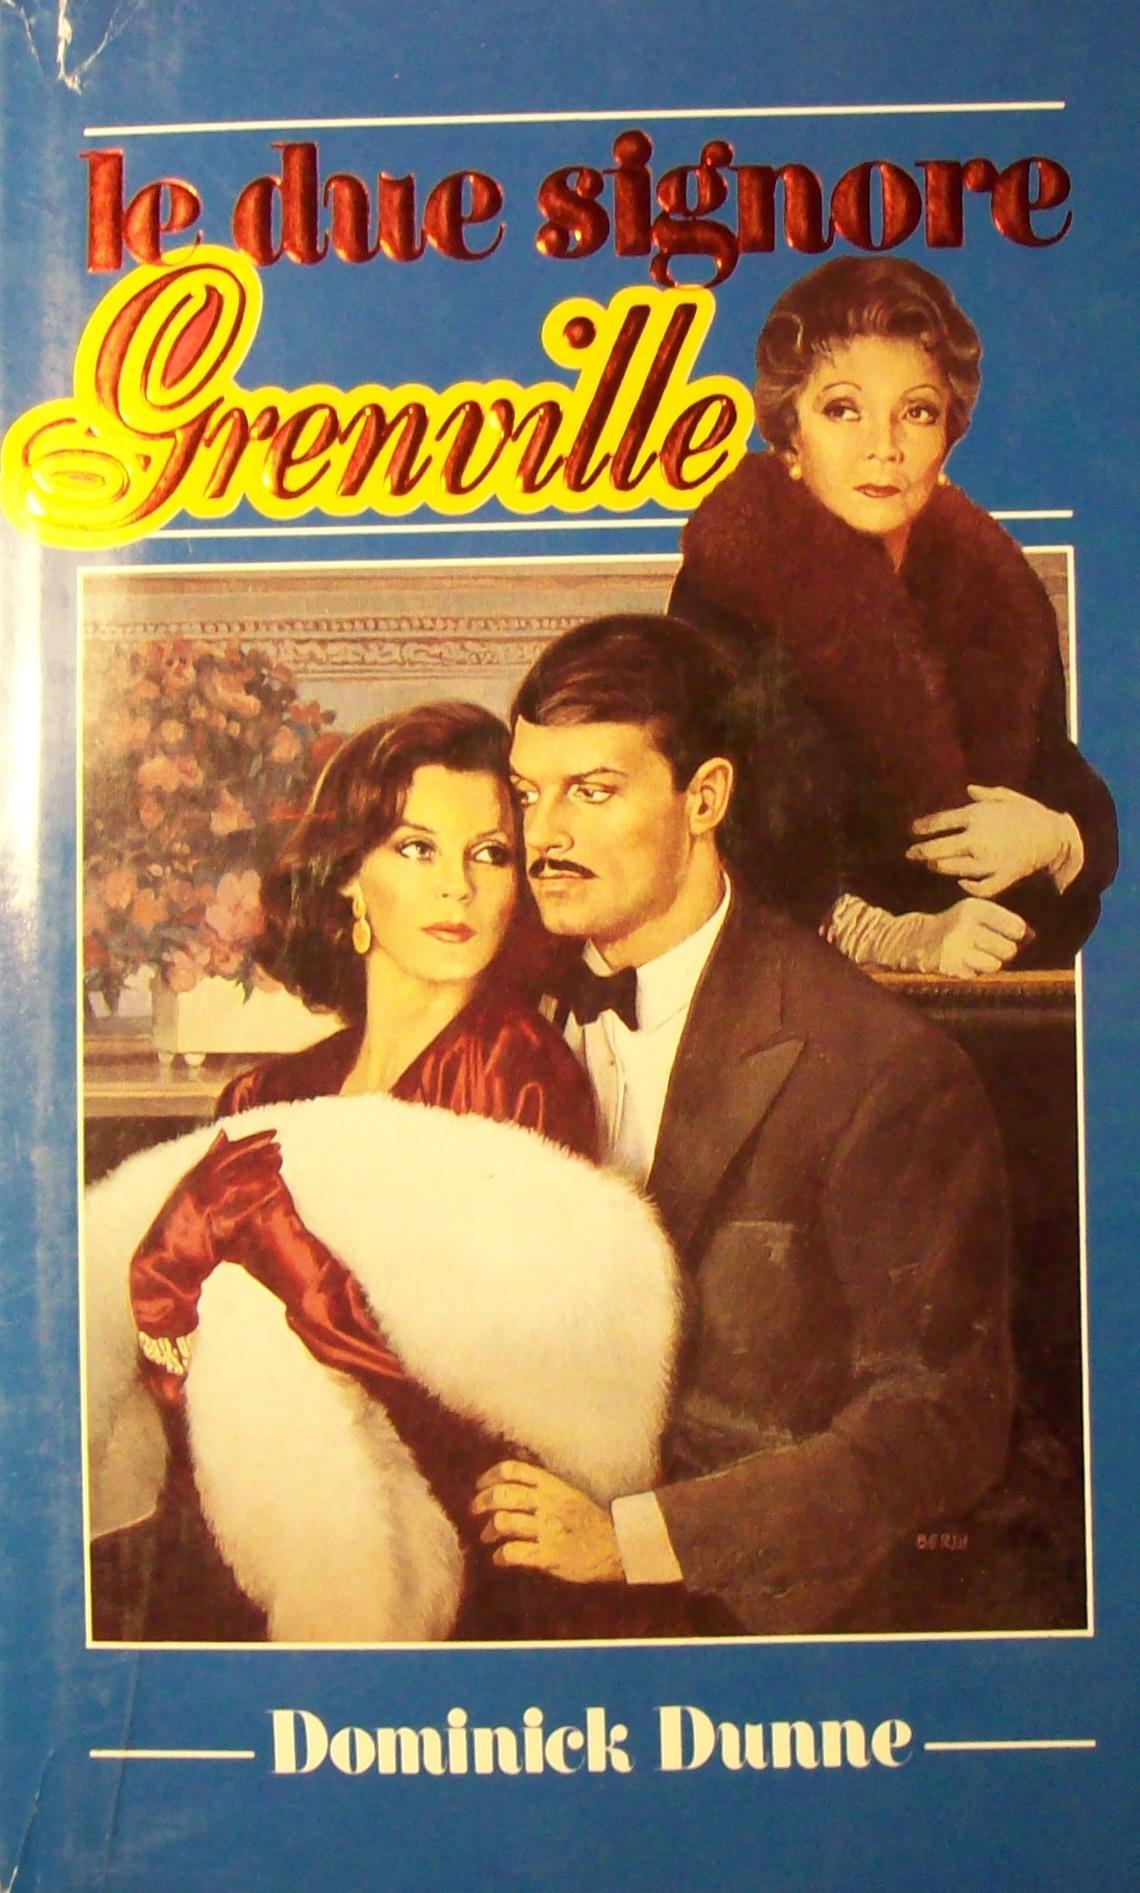 Le due signore Grenville